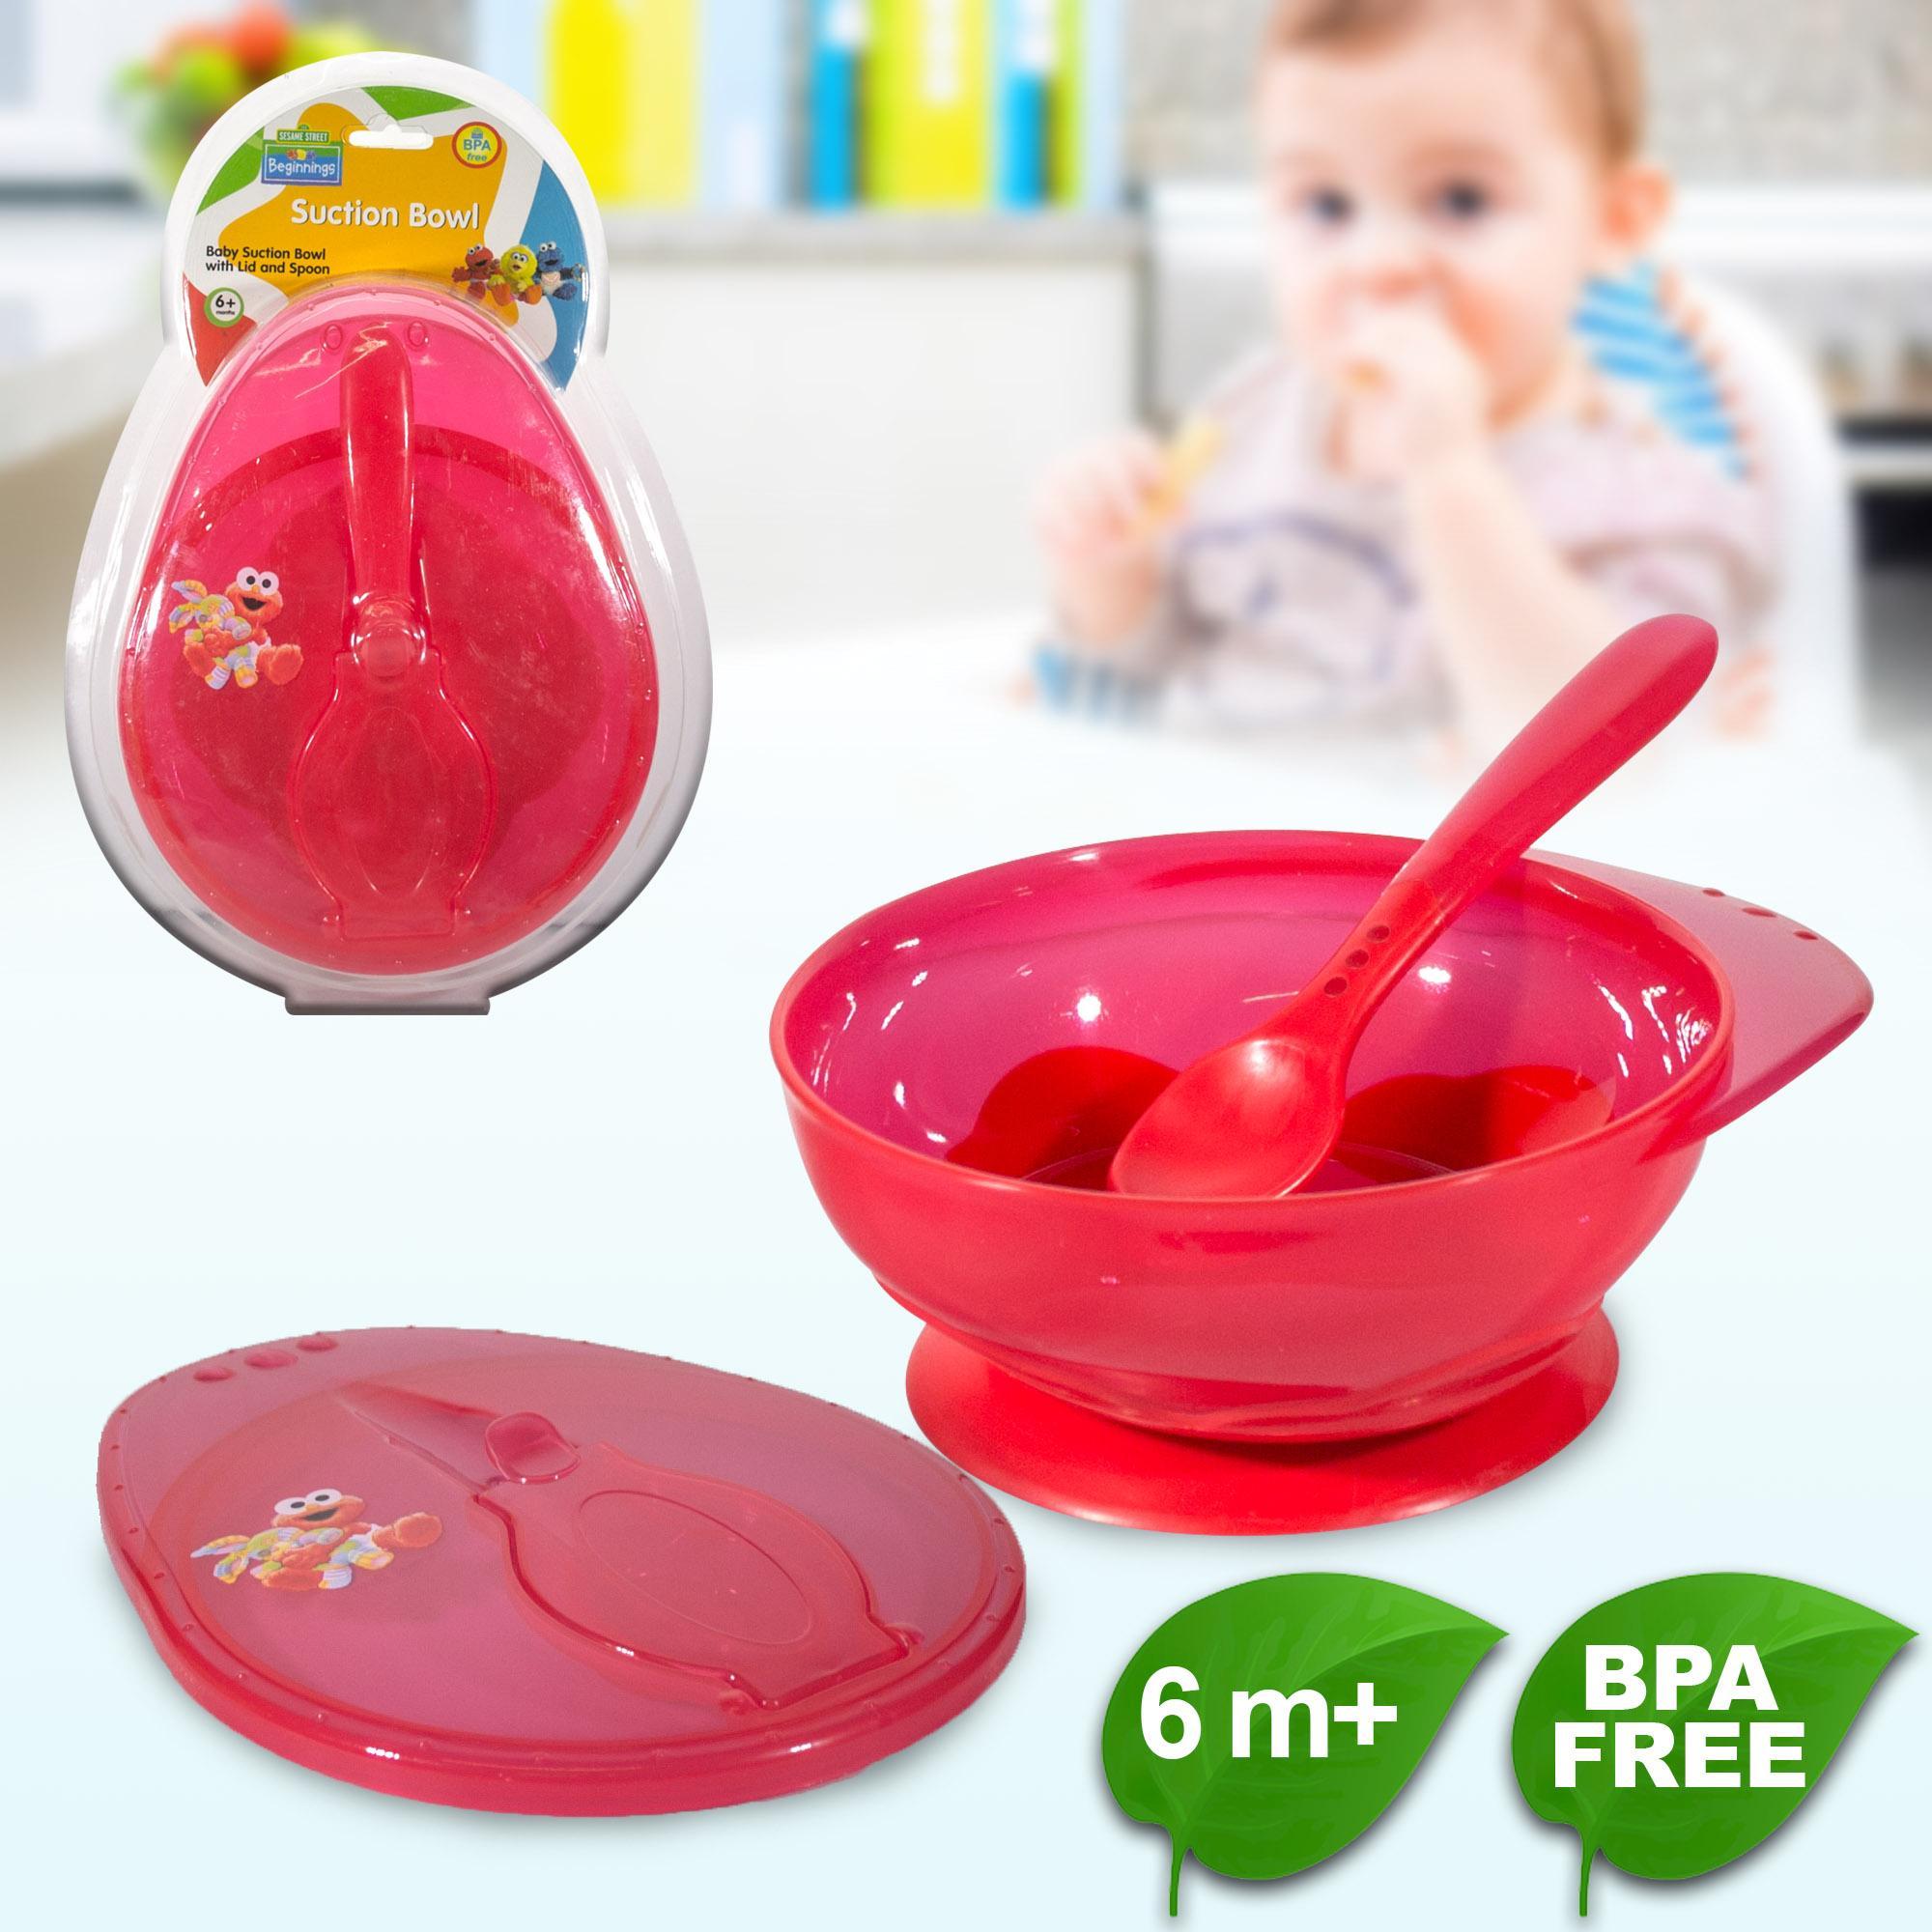 BPA FREE Sesame Beginnings Suction Bowl